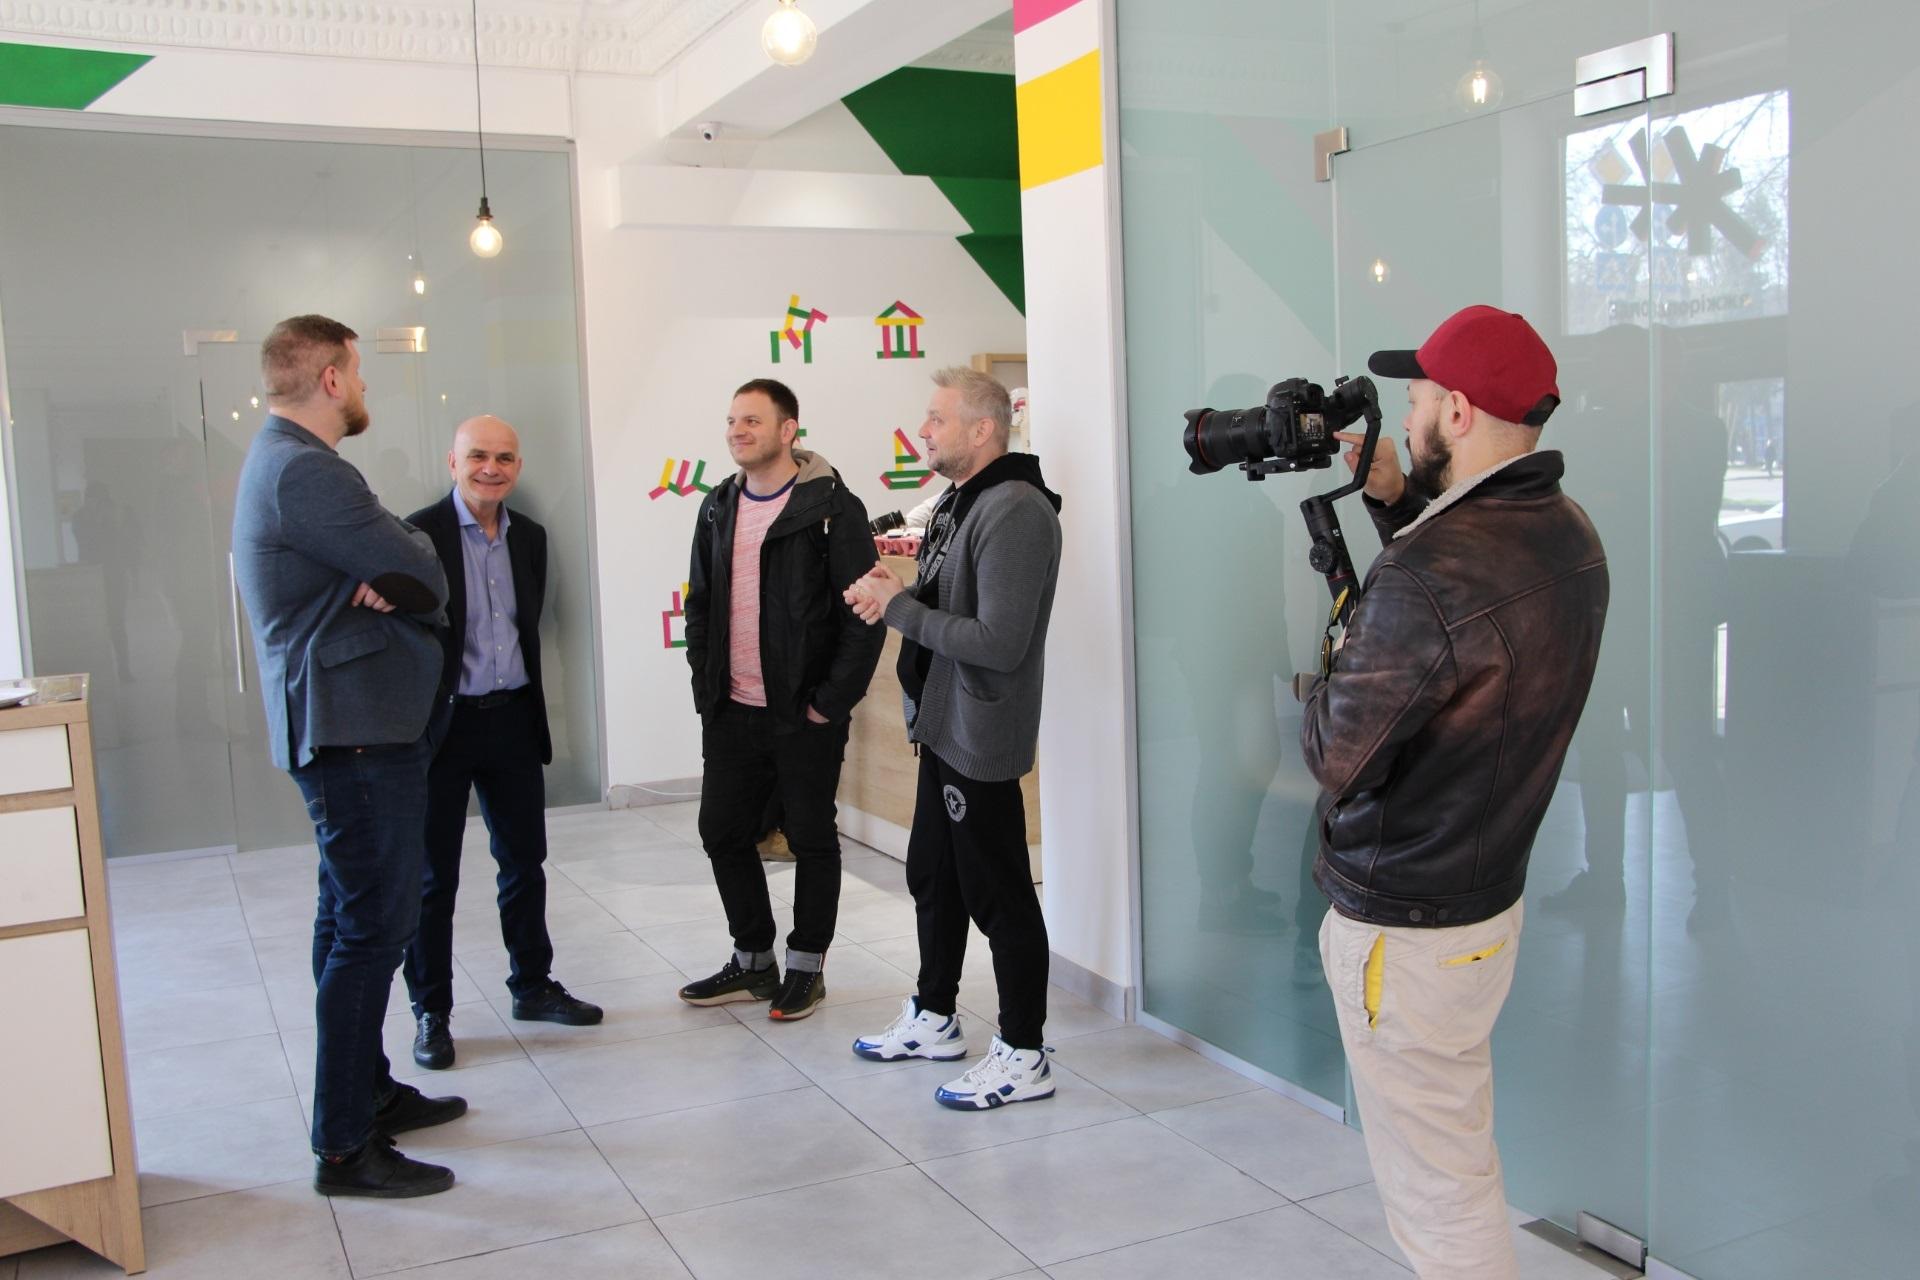 Запорожье сняли в новом травел шоу про украинские города|В дороге - сайт о путешествиях и приключениях